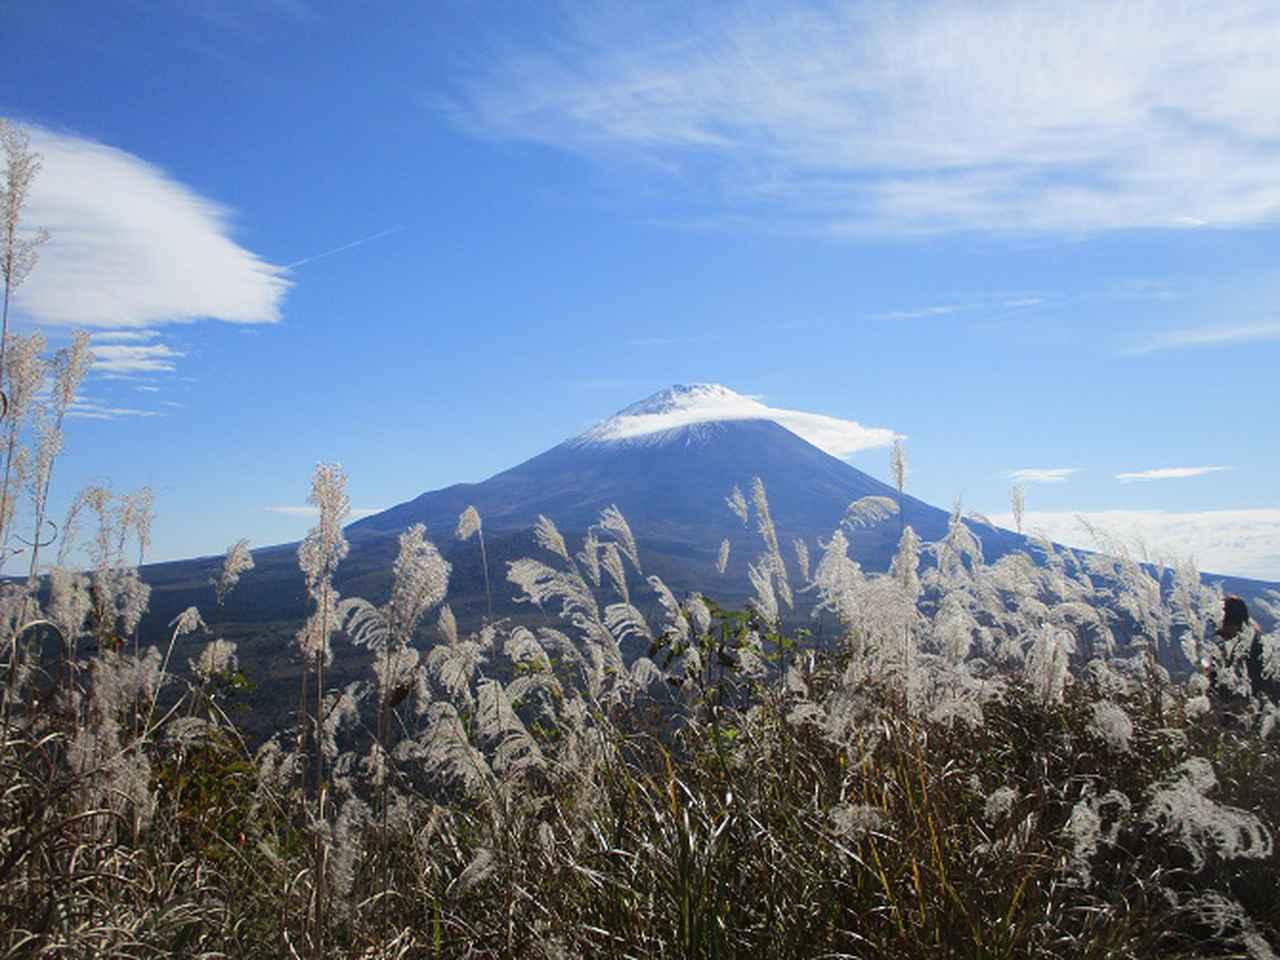 画像3: 11月7日に山旅会 烏帽子岳からパノラマ台 ツアーに行ってきました!